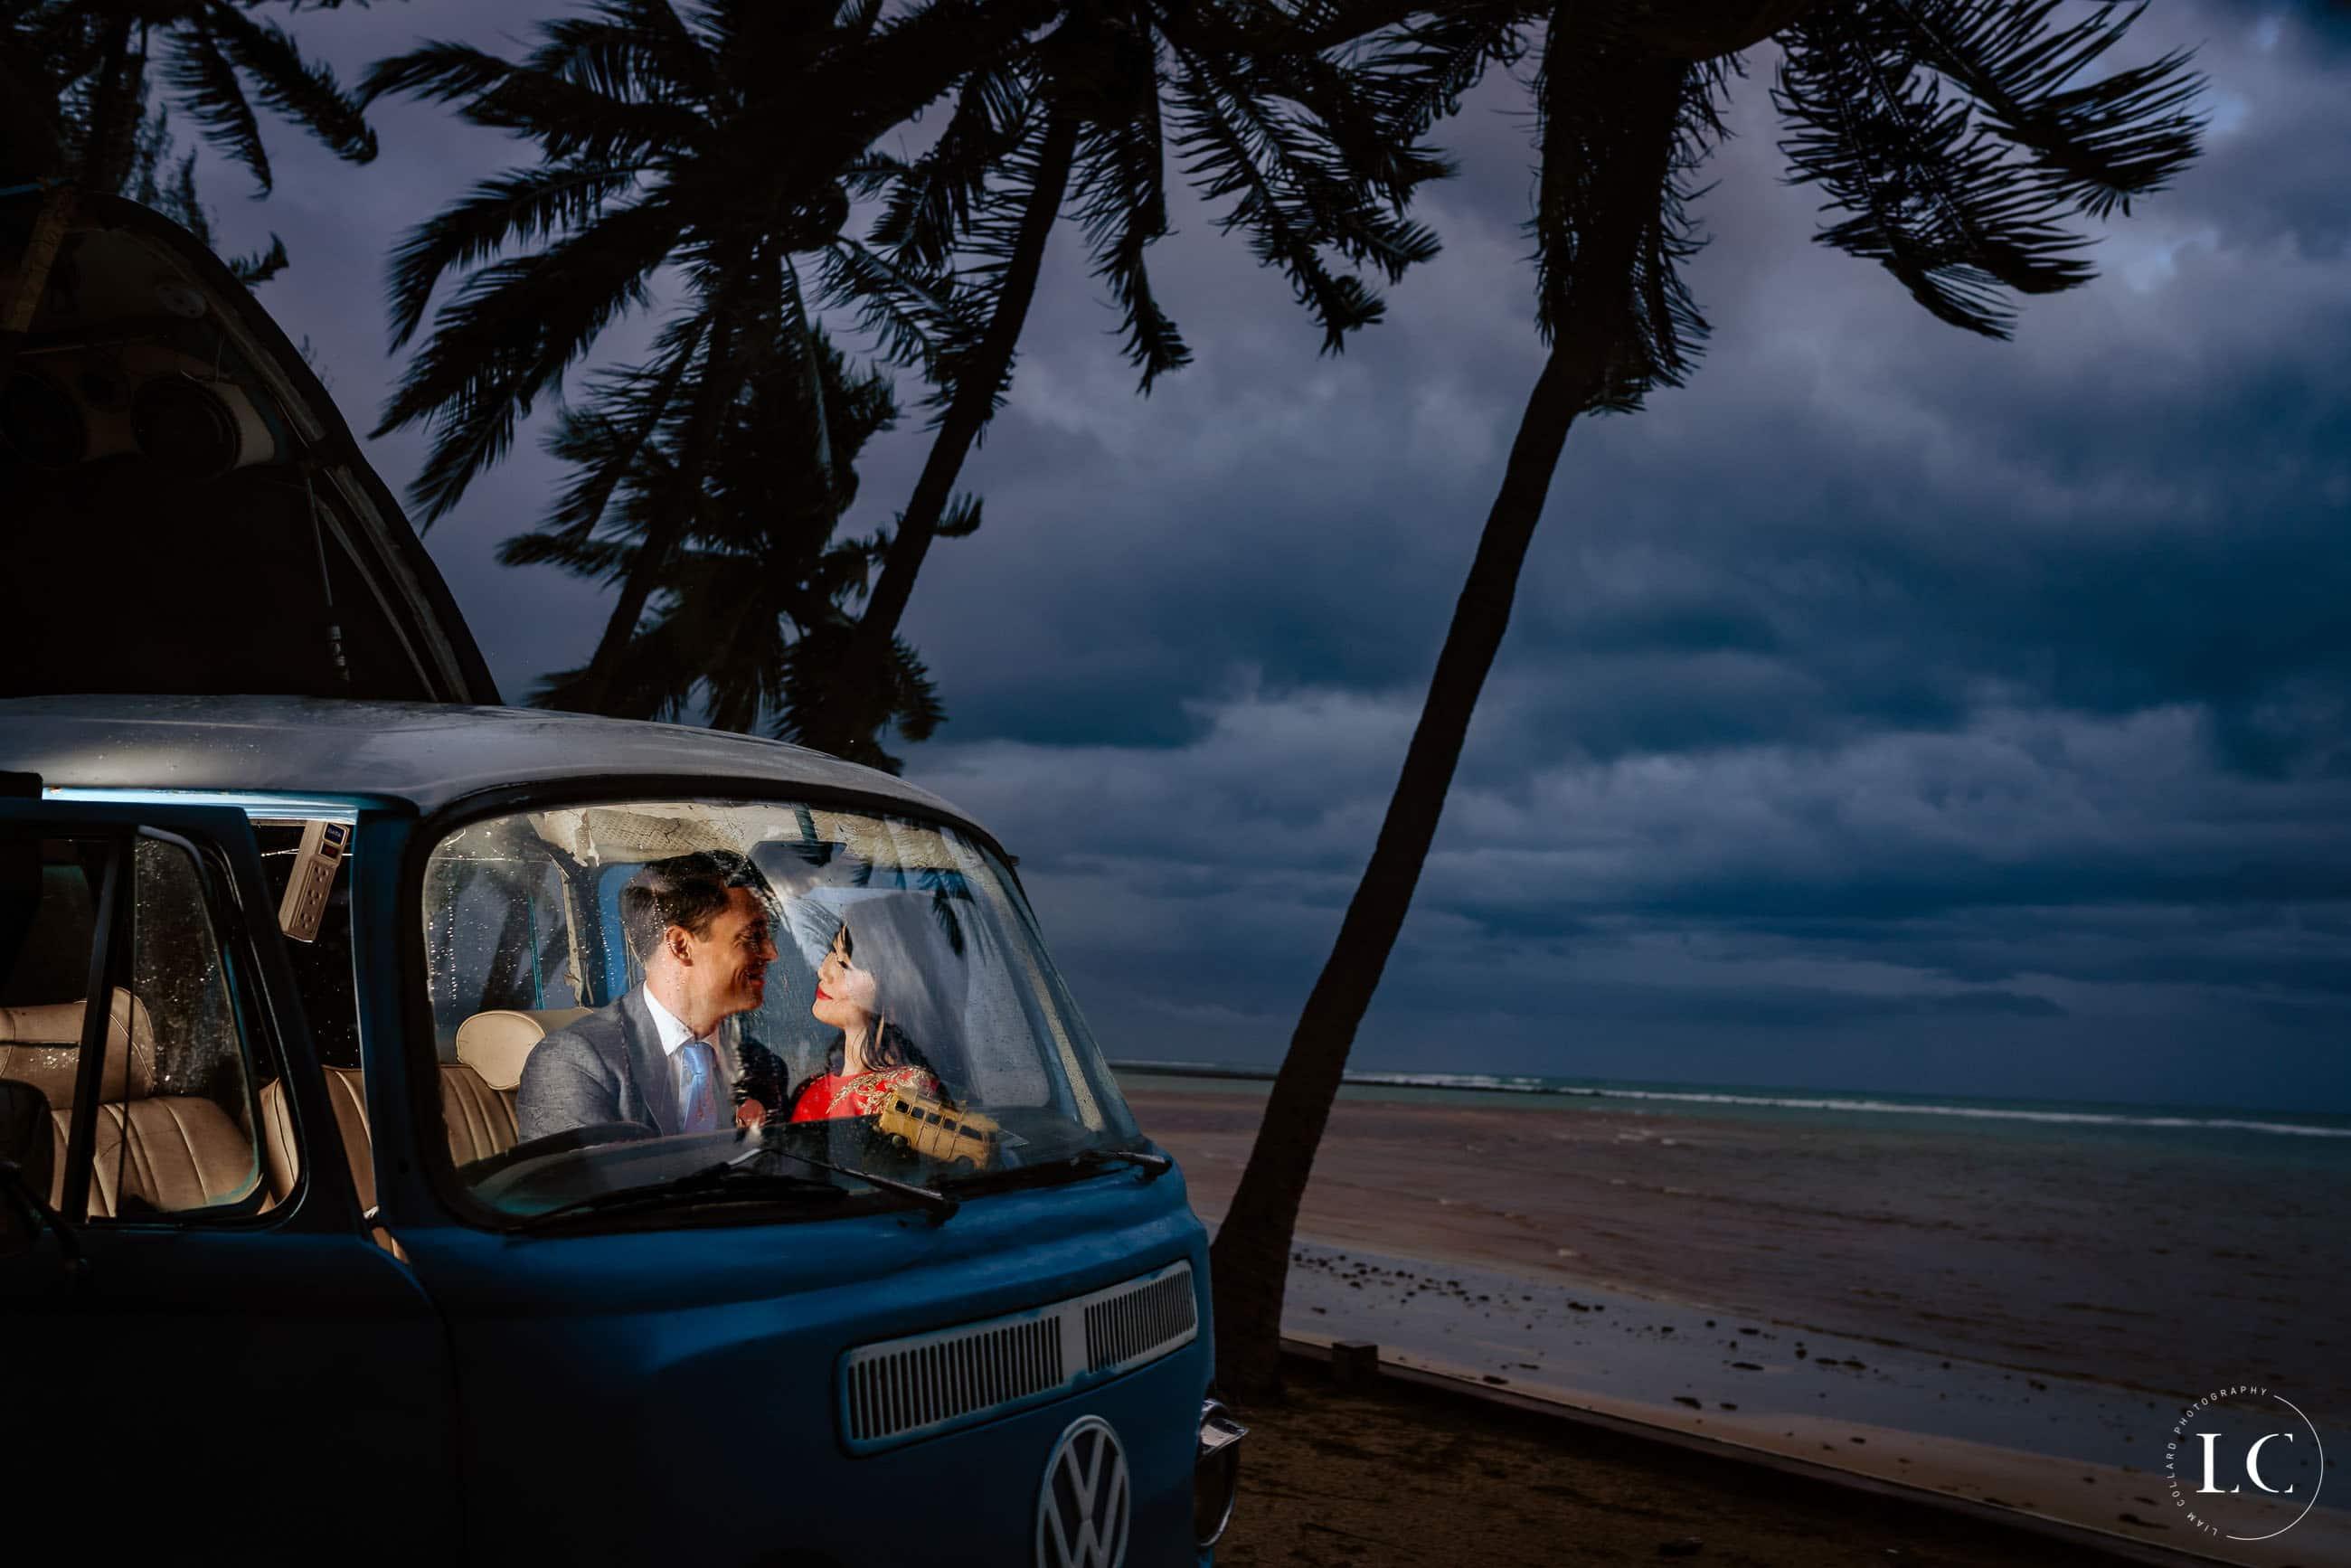 Bride and groom in van